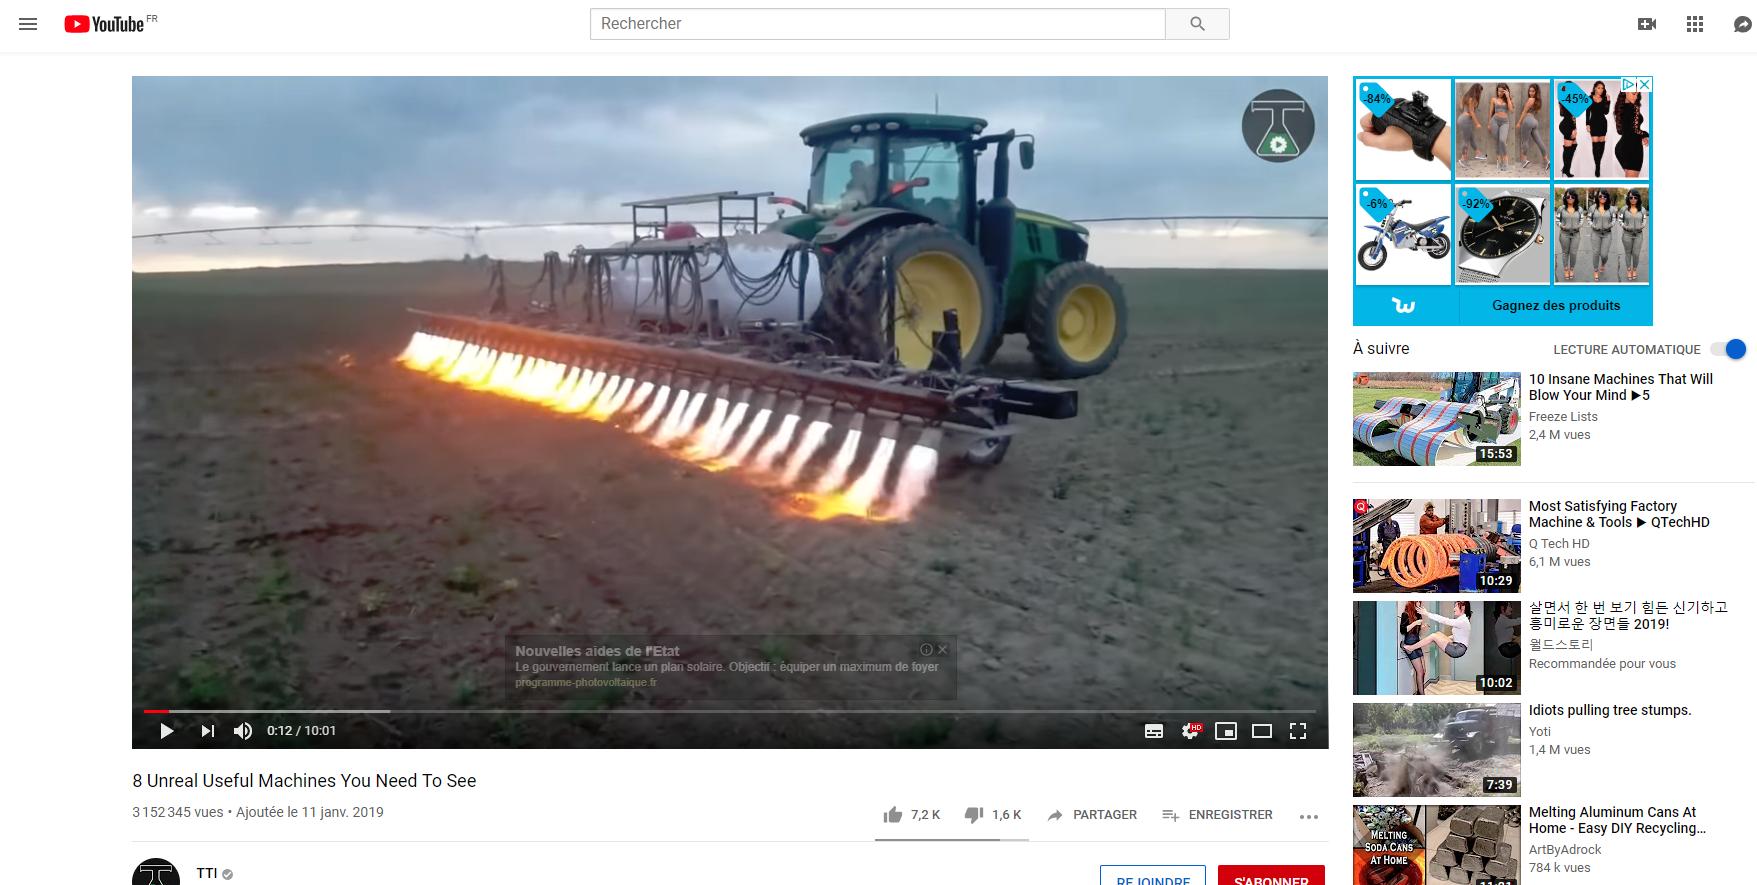 Emissions de gaz à effet de serre : le Shift Project souligne l'insoutenable usage de la vidéo en ligne